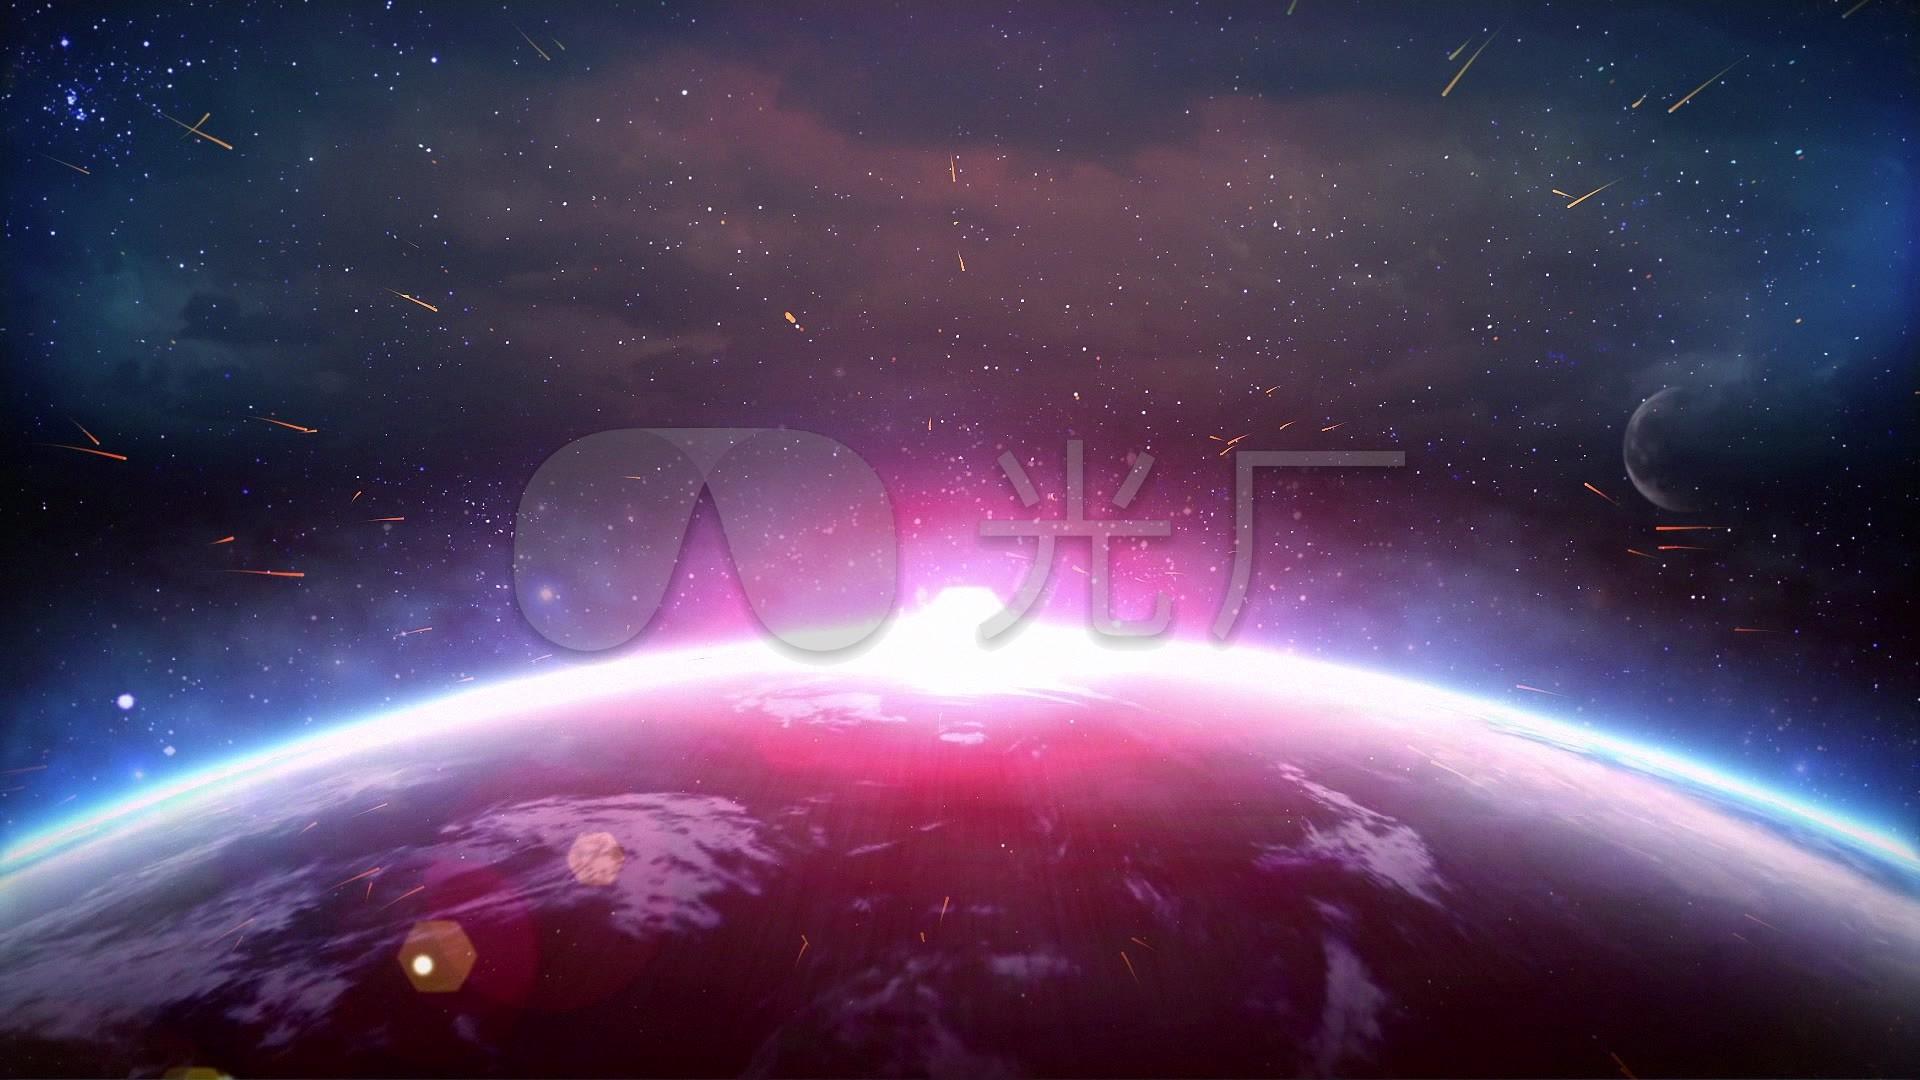 震撼雕像地球v雕像宇宙合成素材特效_1920X1视频视频制作图片